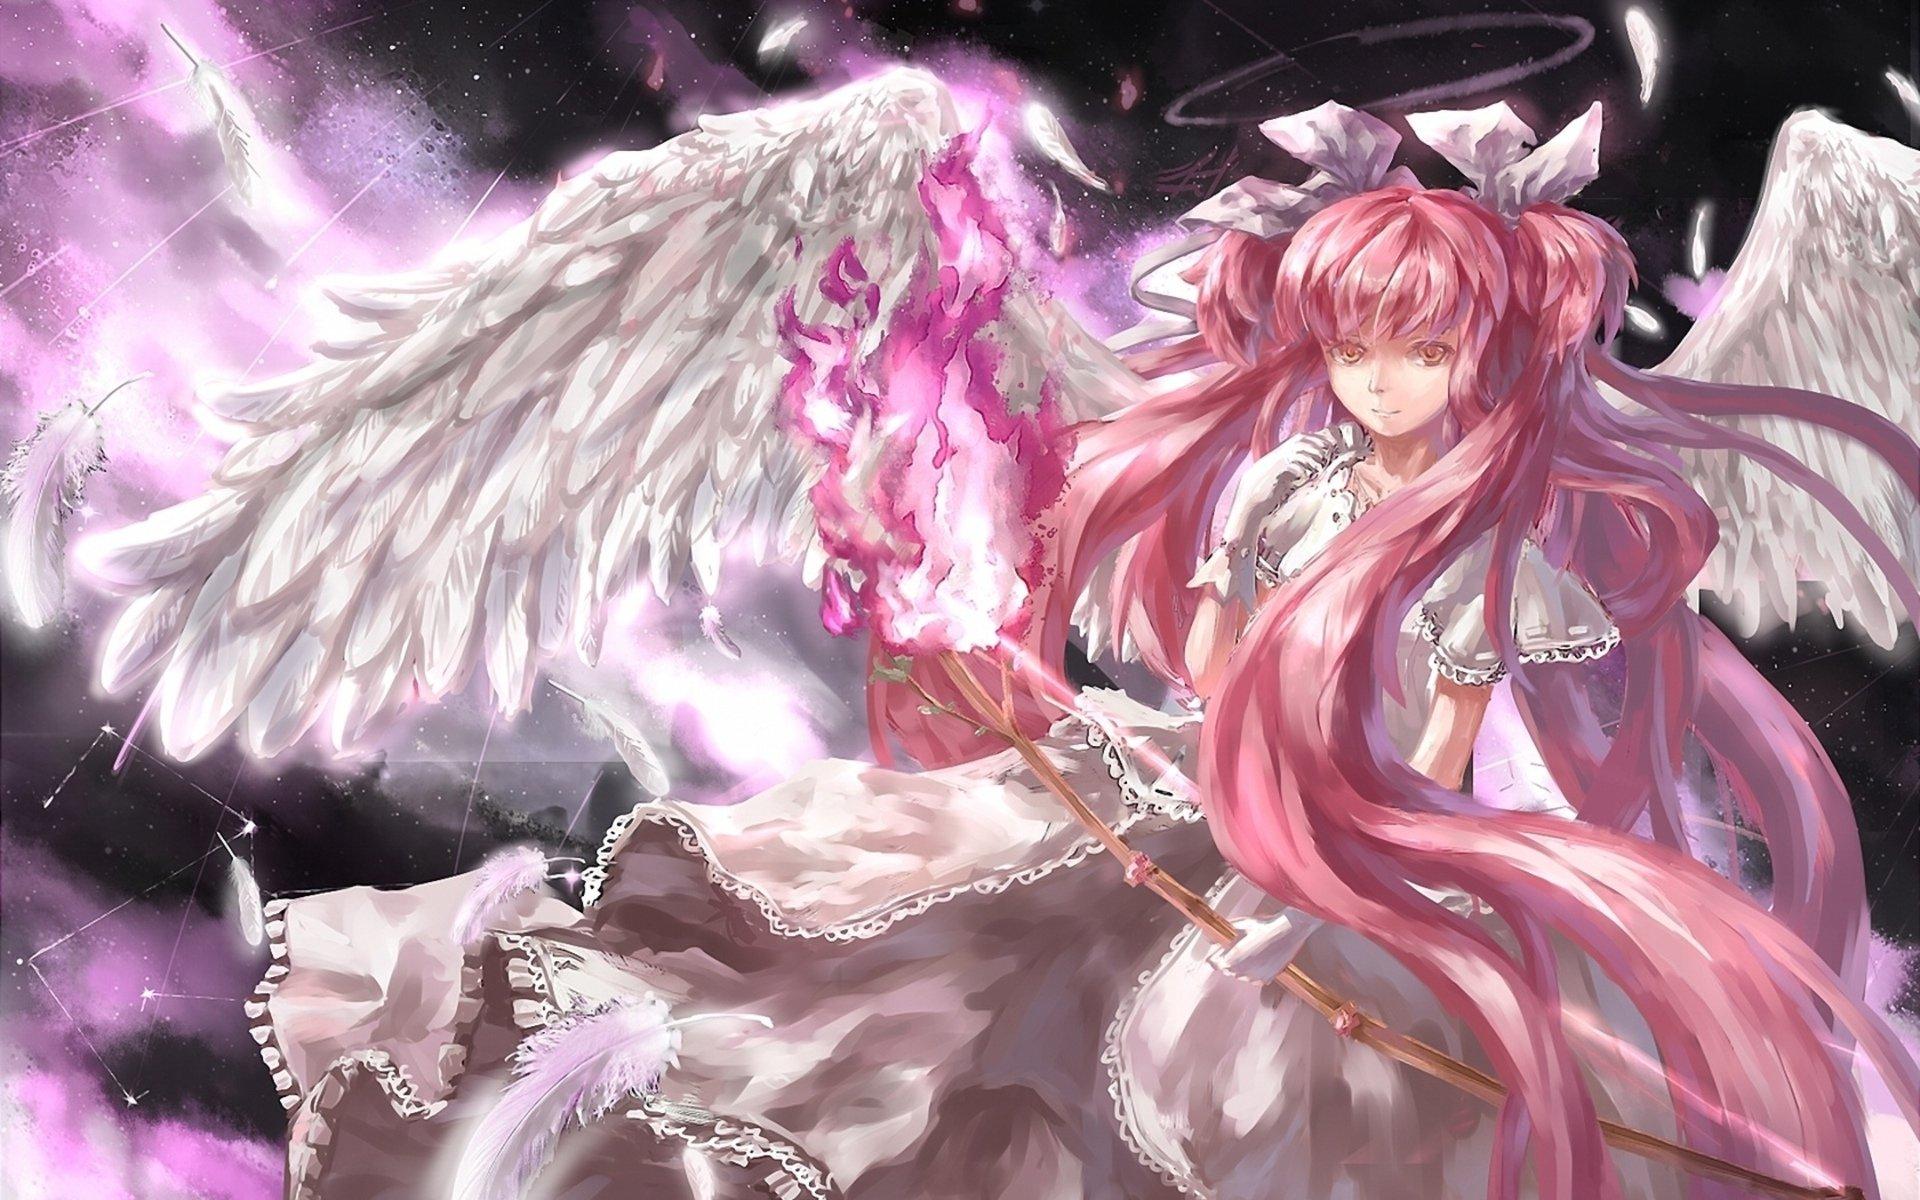 Kyoukai No Kanata Wallpaper Hd Puella Magi Madoka Magica Full Hd Wallpaper And Background